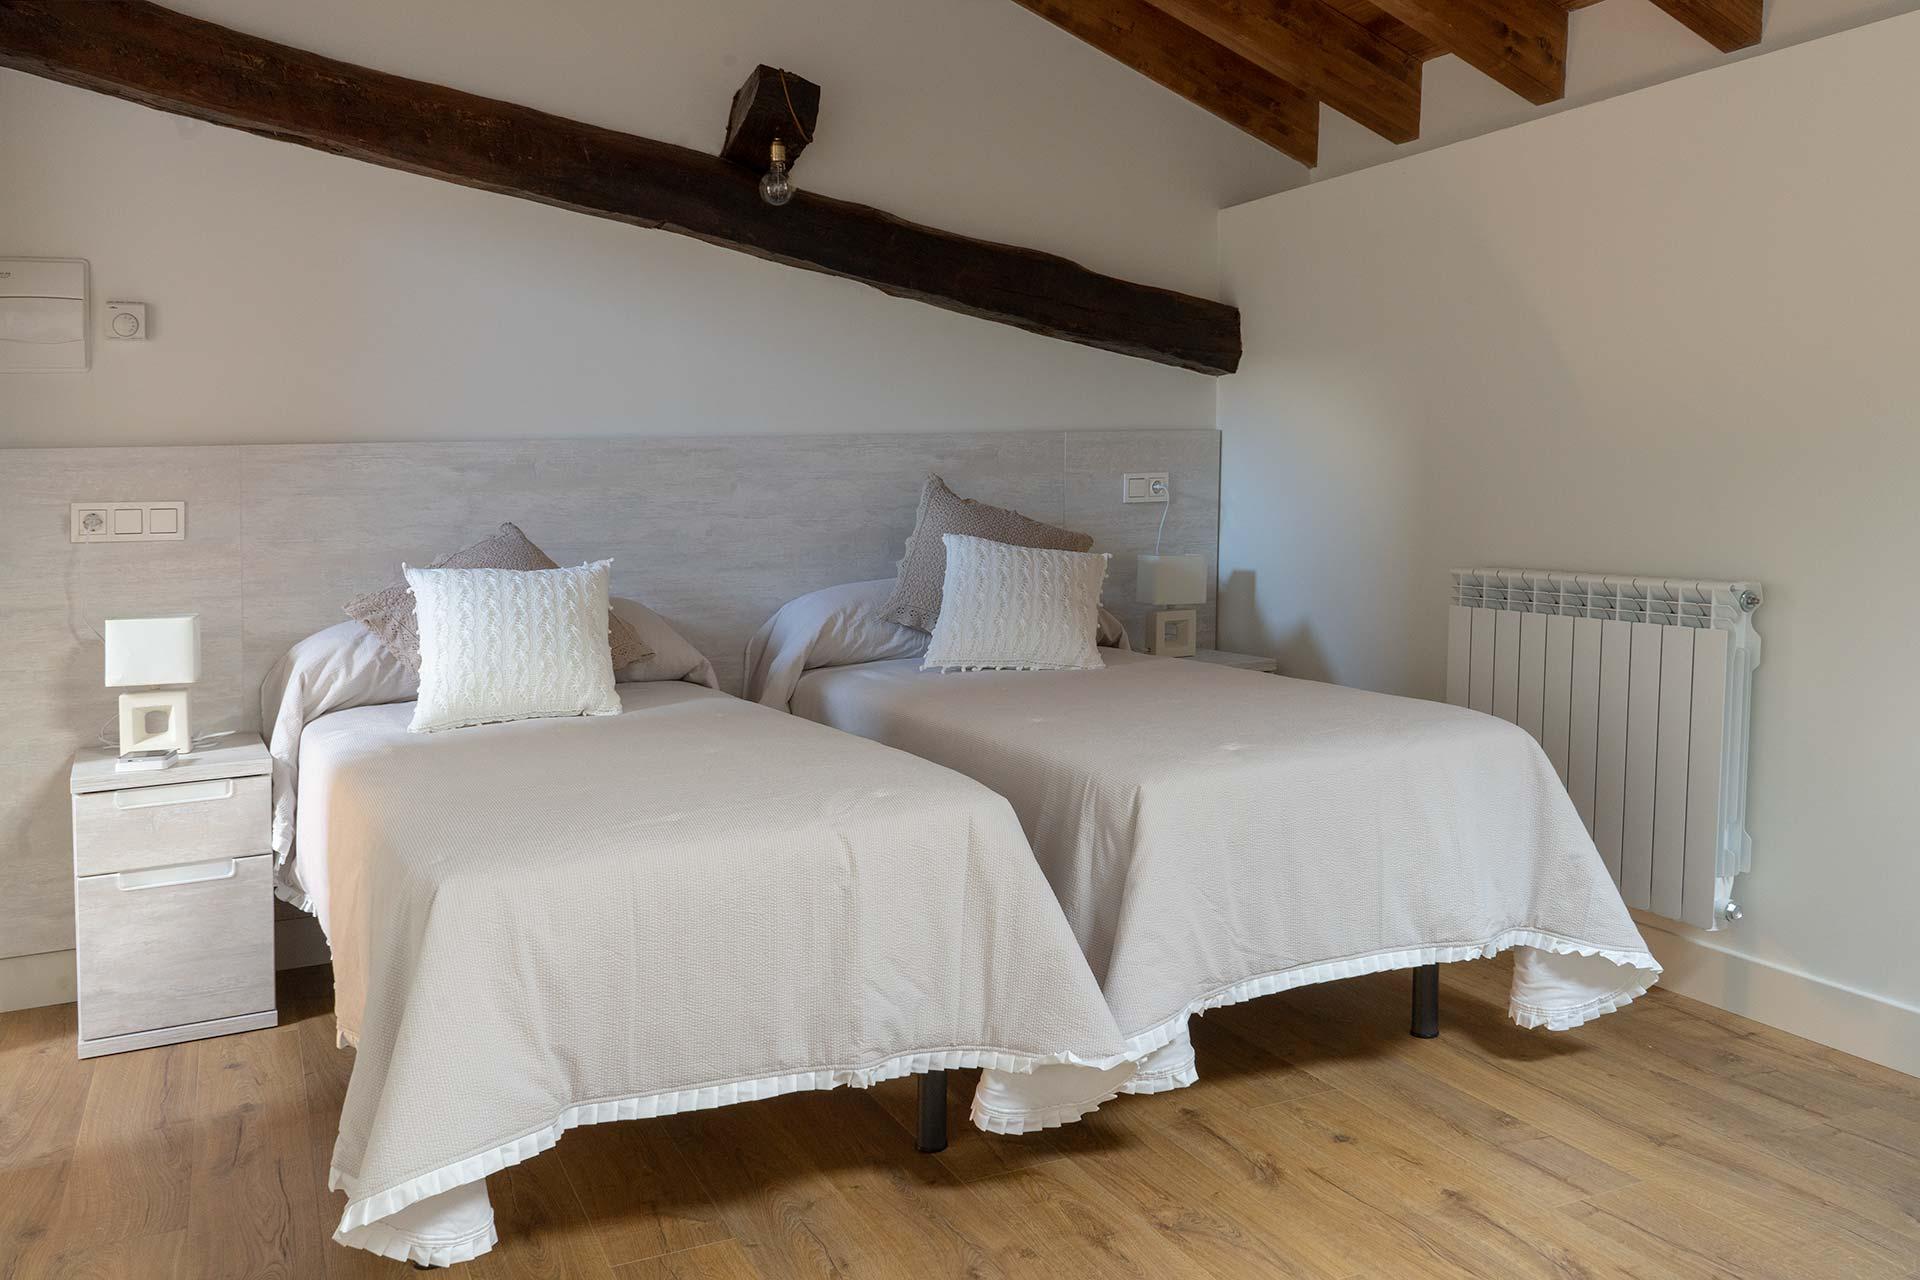 Habitación abuhardillada para 4 personas (Dos camas individuales y sofá-cama).